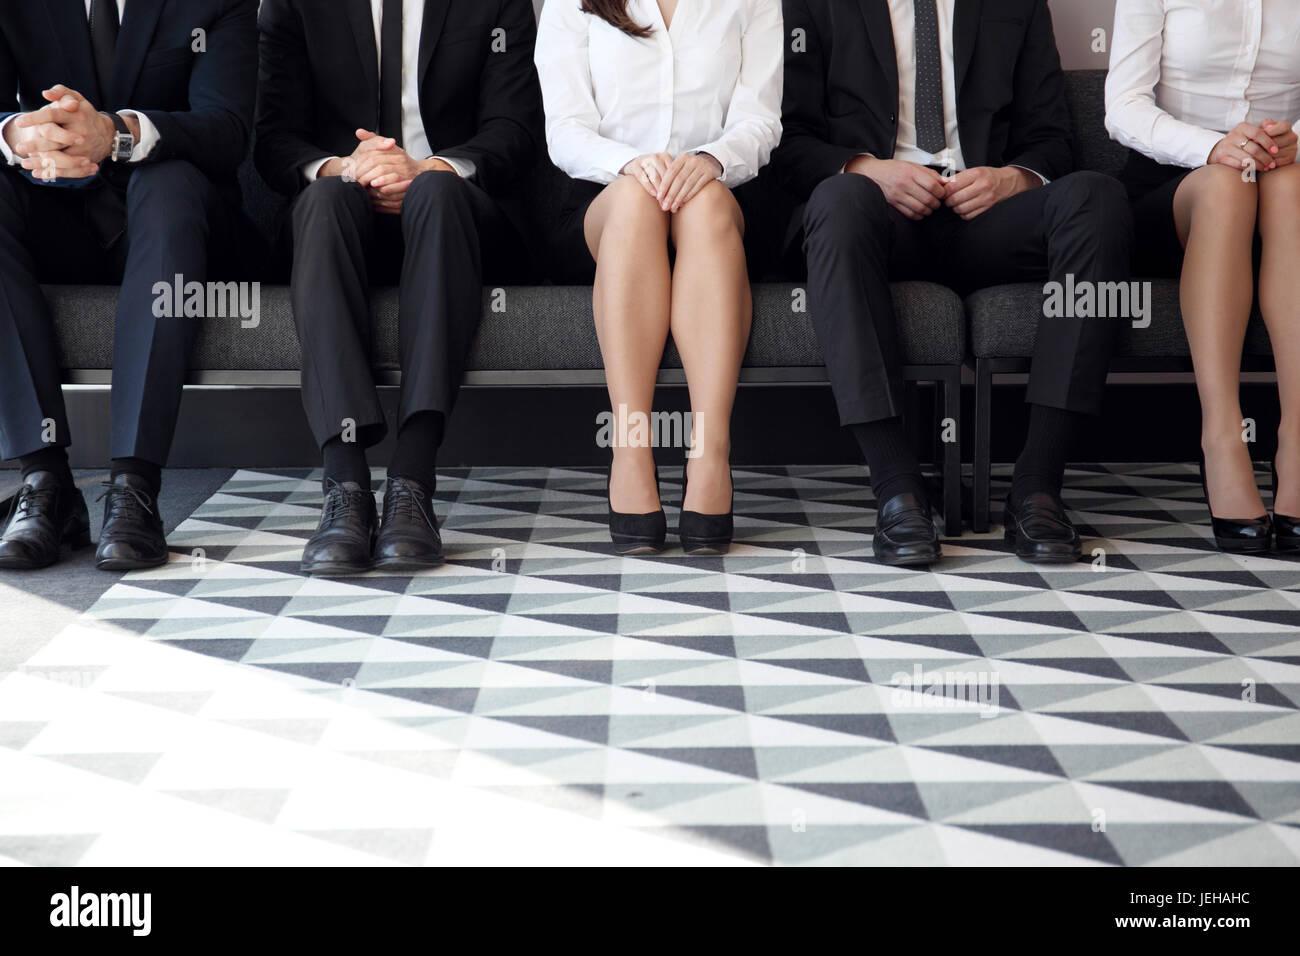 Menschen warten auf Vorstellungsgespräch sitzen auf Stühlen in einer Reihe Stockbild